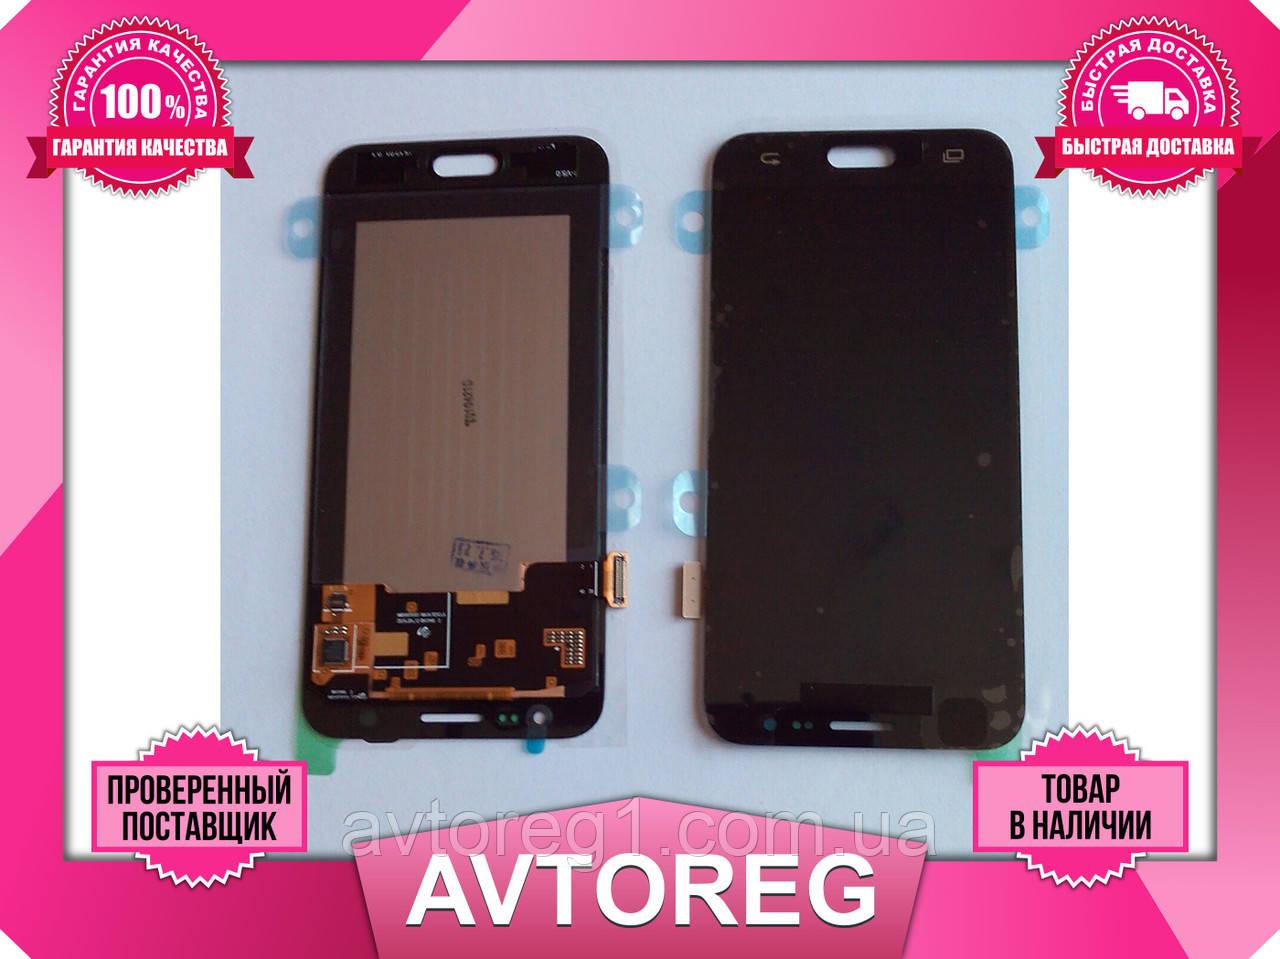 Ремонт телефона Samsung Galaxy J5, J500F, J500M, J500H, Киев